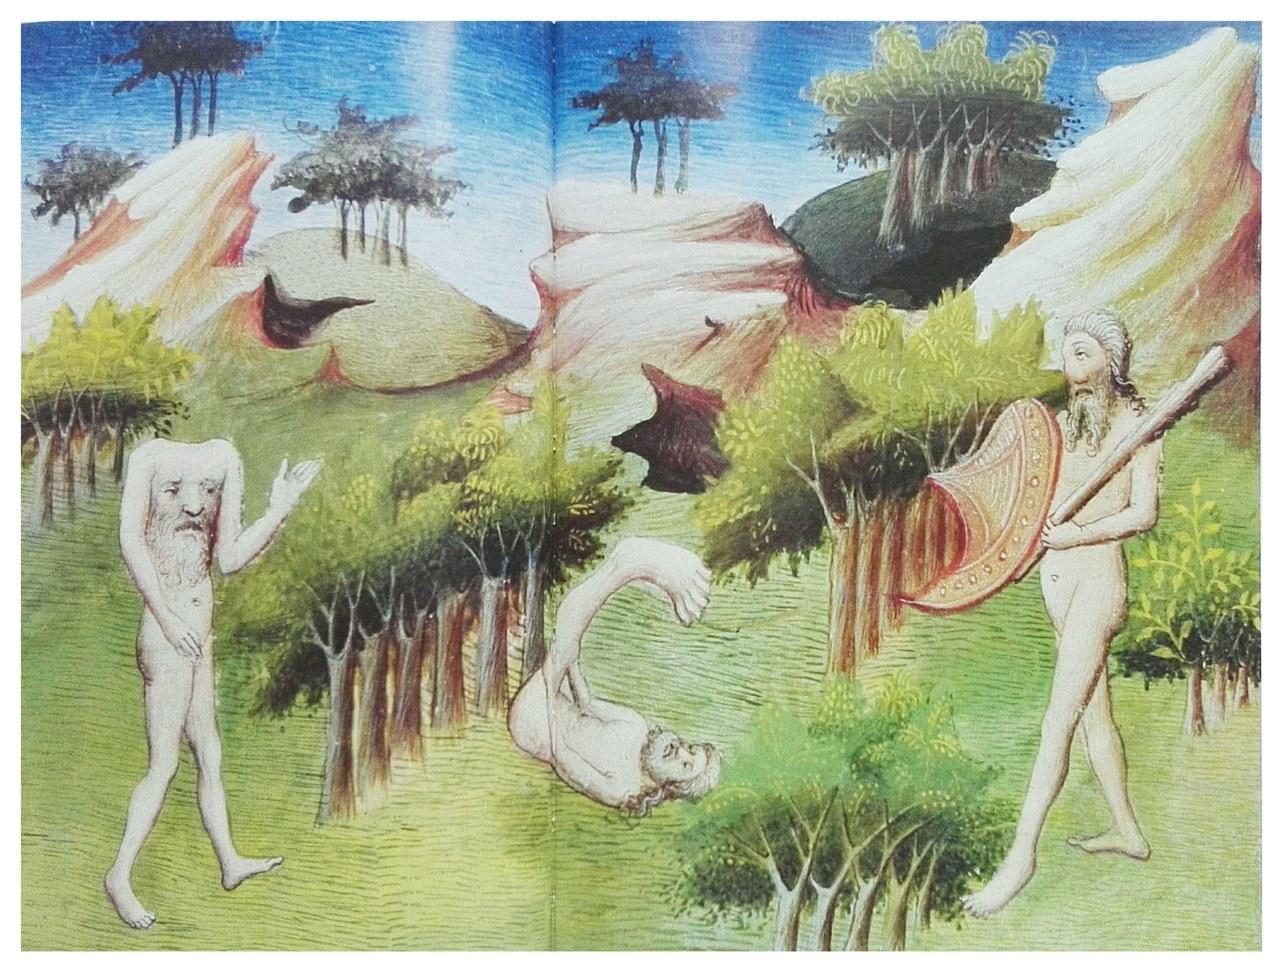 Maestro di Boucicault, Livre des Merveilles, Ms. Fr. 2810 riprodotto alle pp. 110-111 della Storia delle terre e dei luoghi leggendari